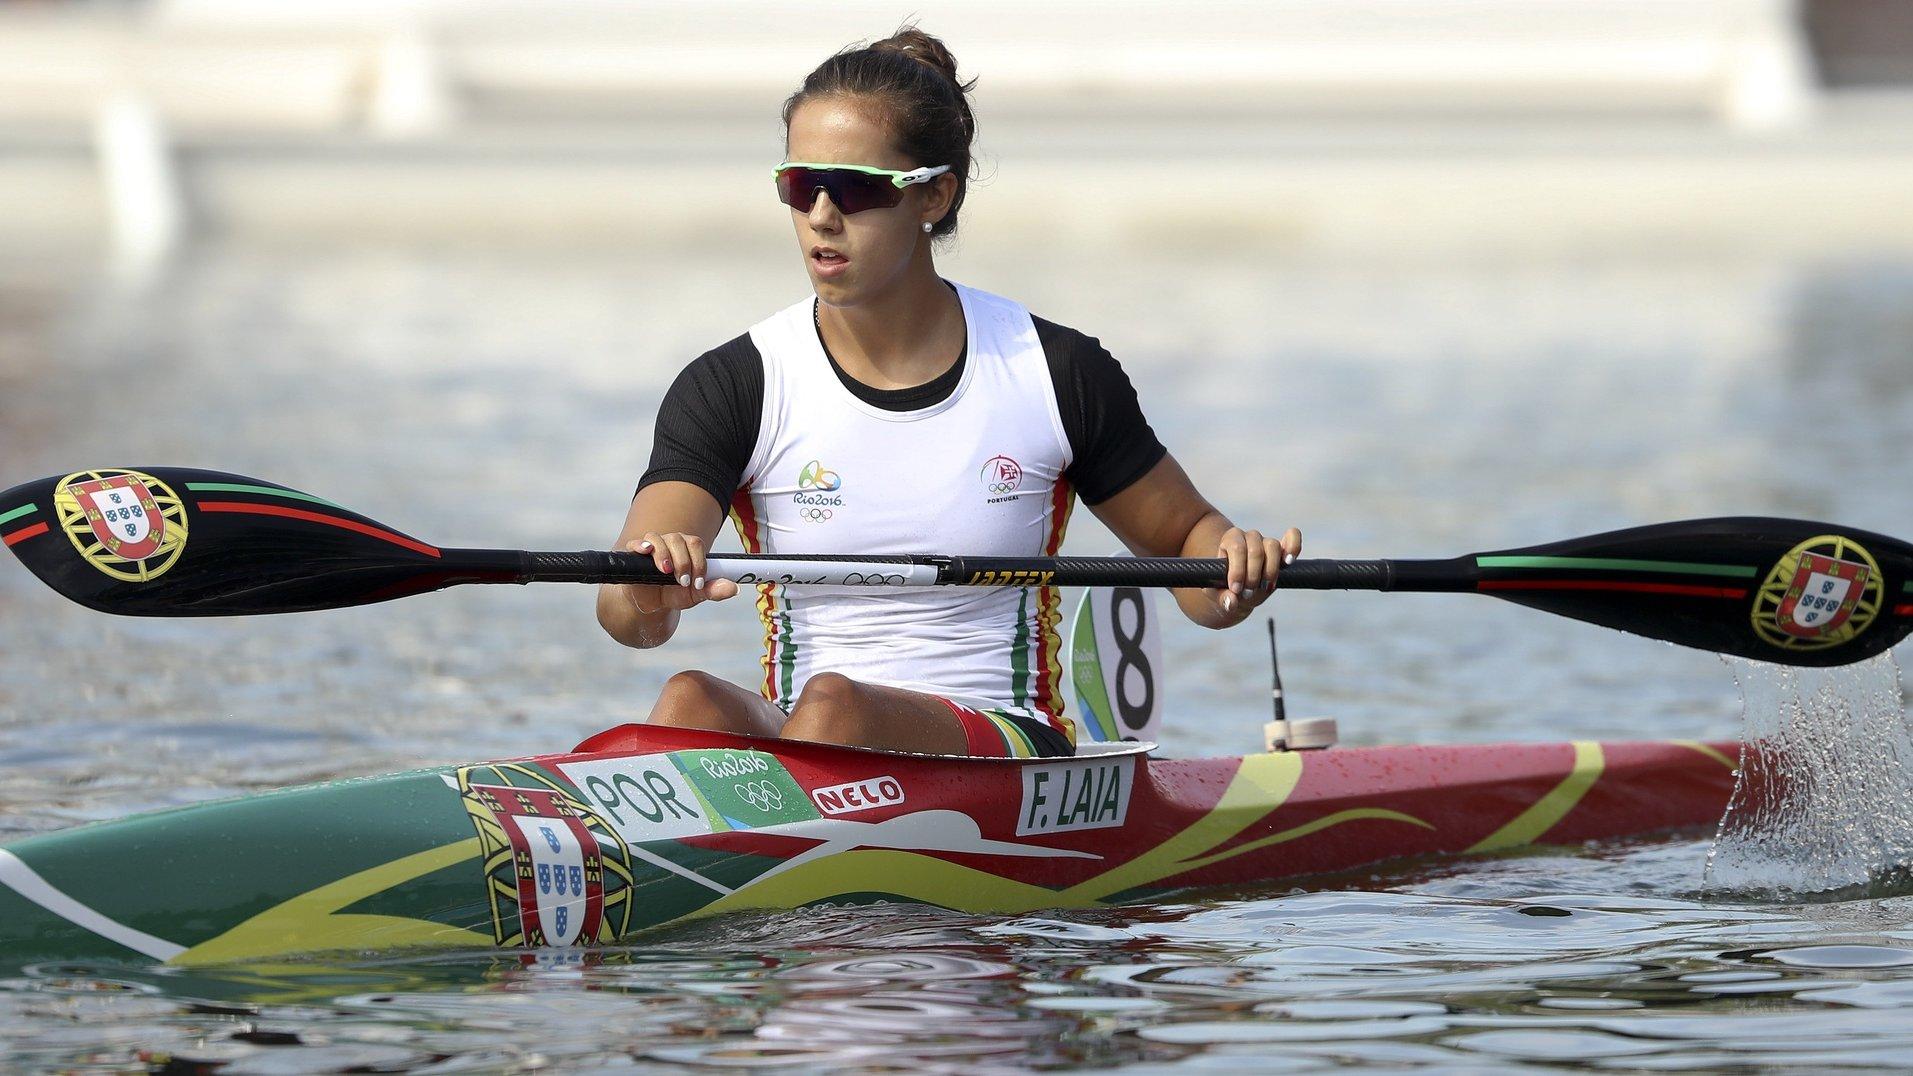 A canoísta portuguesa Francisca Laia classificou-se no 16.º lugar na prova de K1 200 metros dos Jogos Olímpicos Rio2016, ao terminar a final B no oitavo e último lugar, disputada na Lagoa Rodrigo  de Freitas, no Rio de Janeiro, Brasil, 16 de agosto de 2016. A XXI edição dos Jogos Olímpicos da Era Moderna, decorrem no Brasil entre os dias 06 - 21 de agosto. ANTÓNIO COTRIM/LUSA